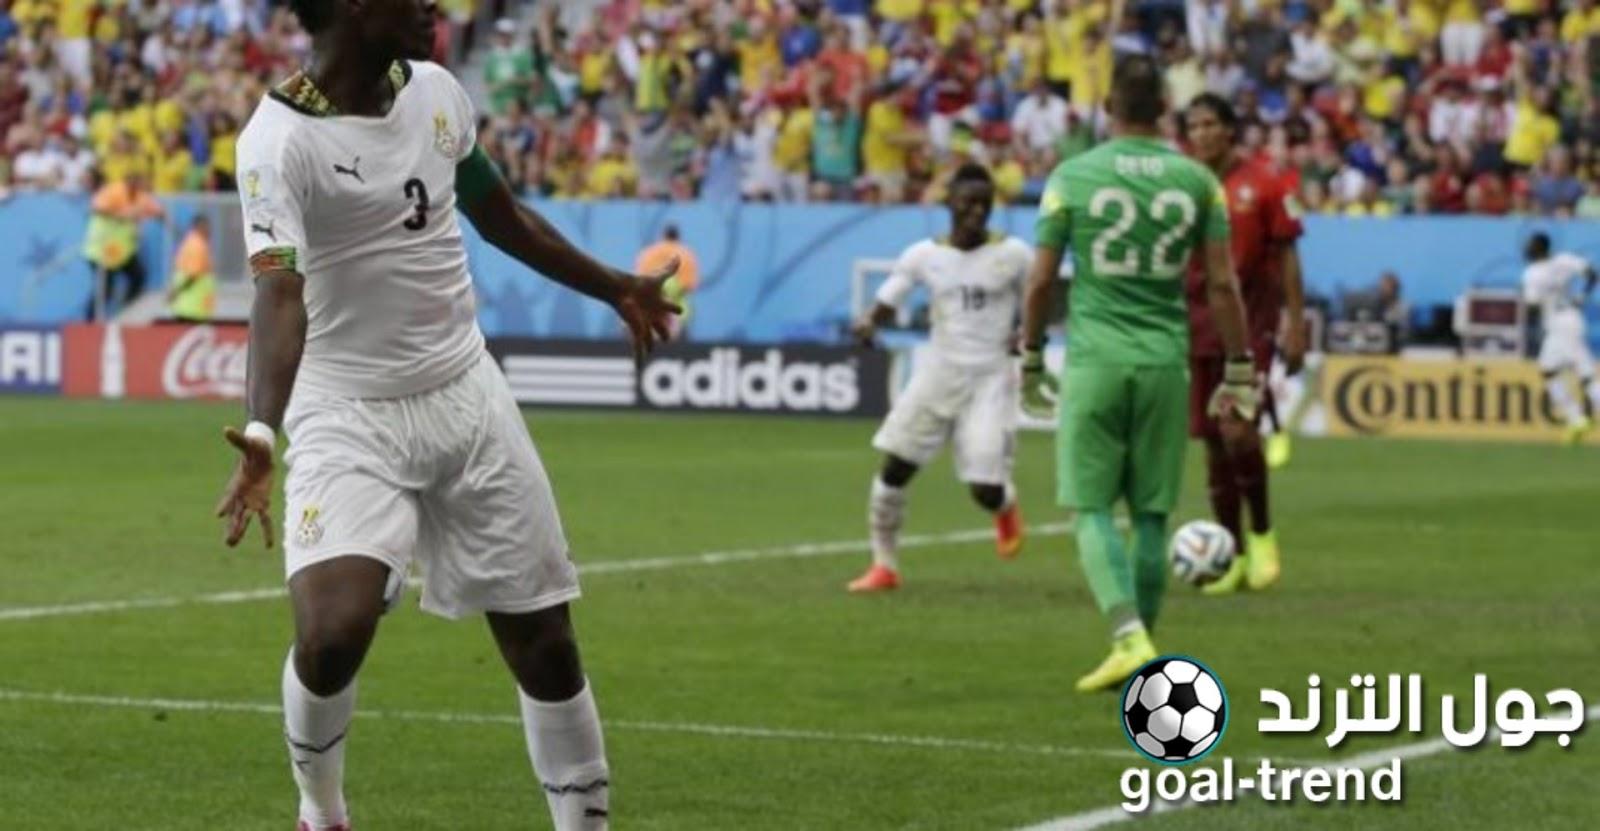 نتيجة مواجهة غانا وبنين يوم الثلاثاء في كأس امم افريقيا